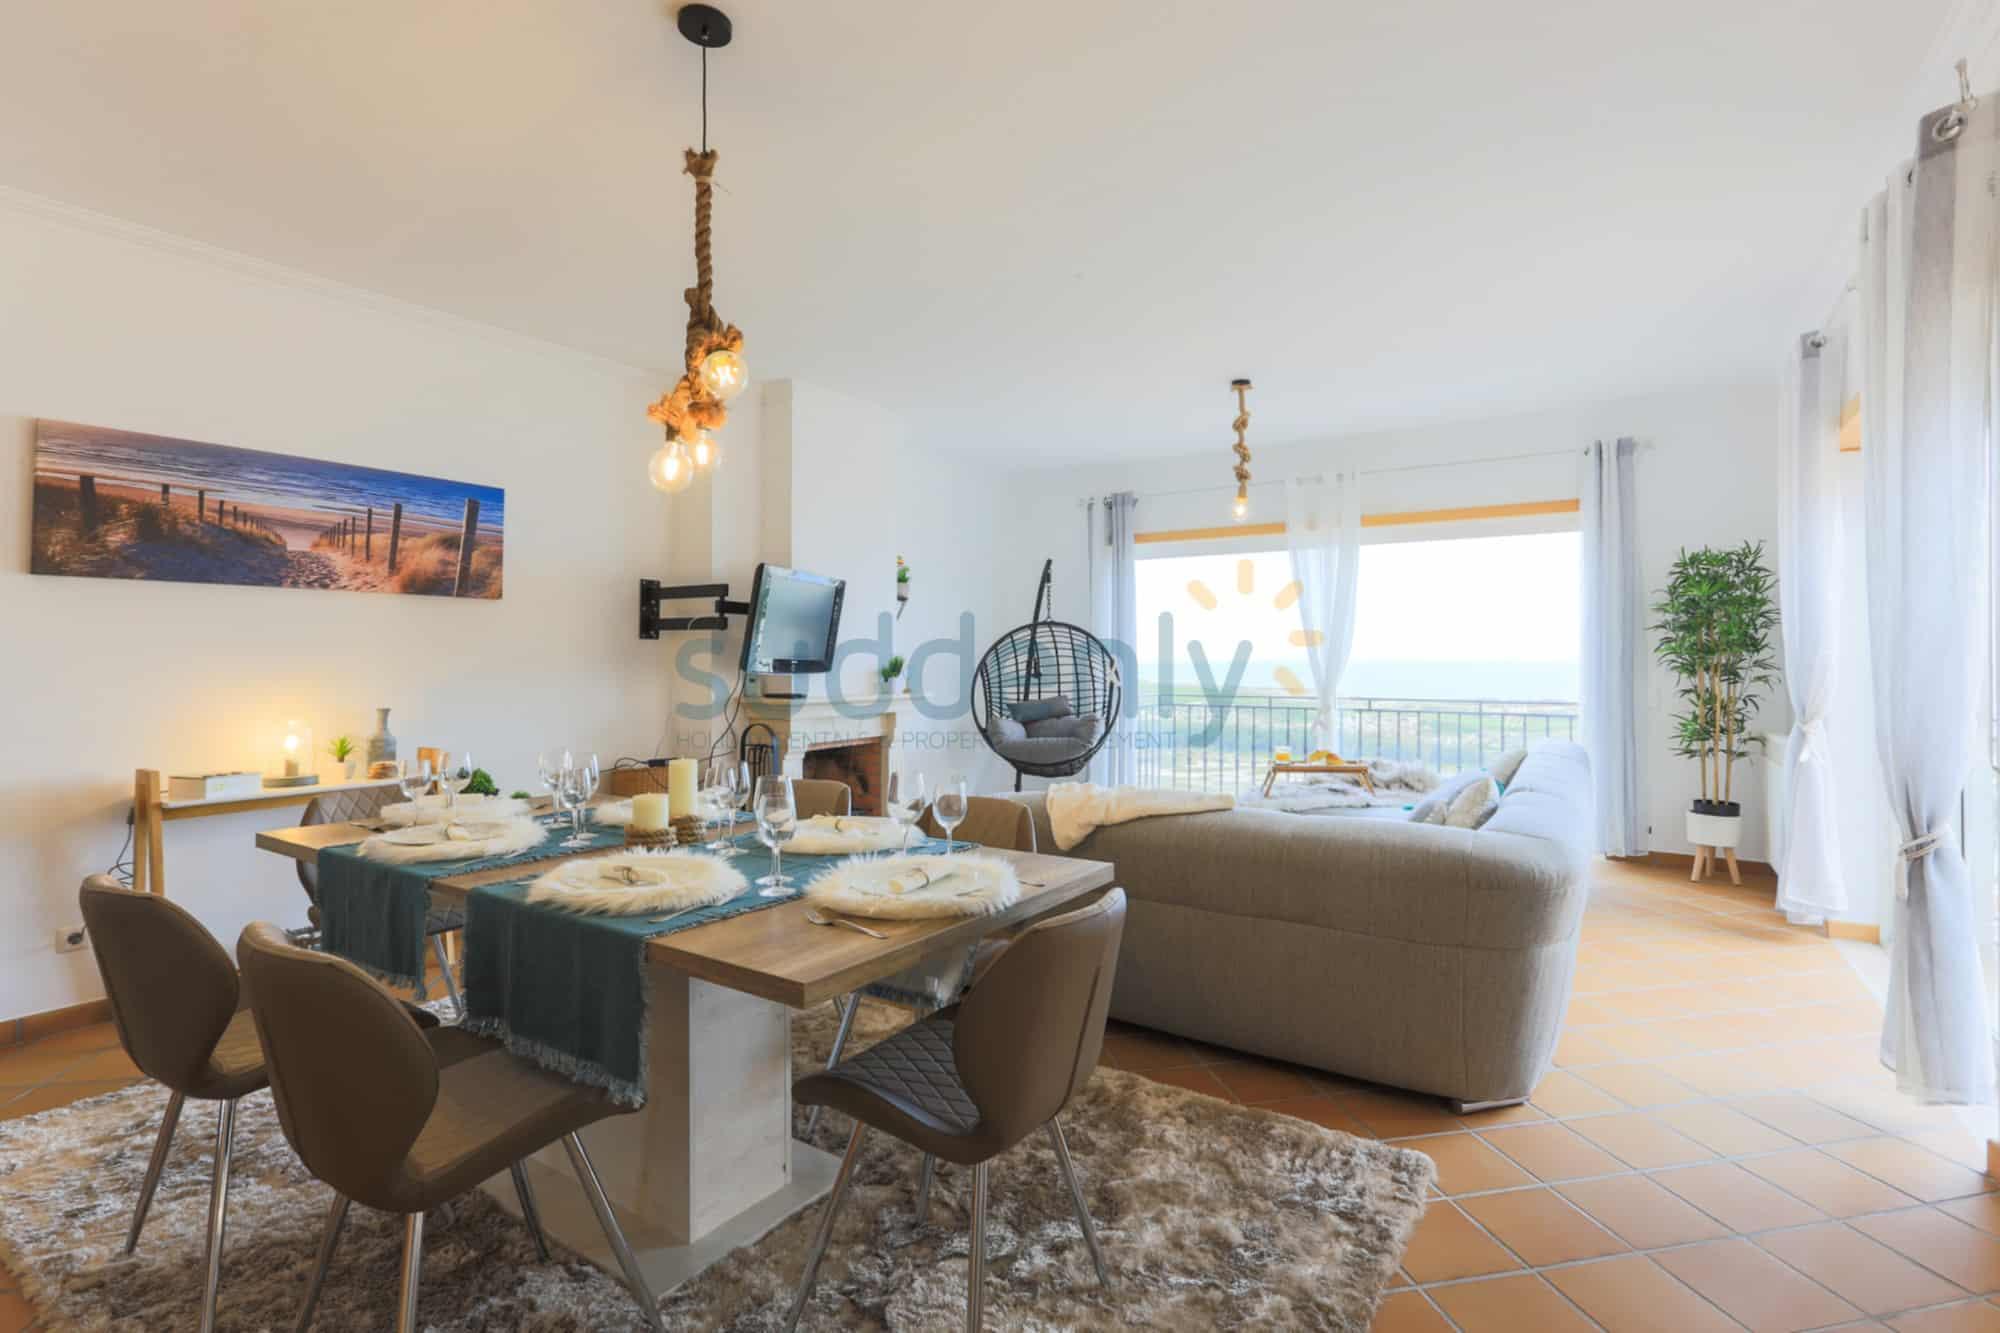 Holiday Rentals in Praia D'El Rey 299